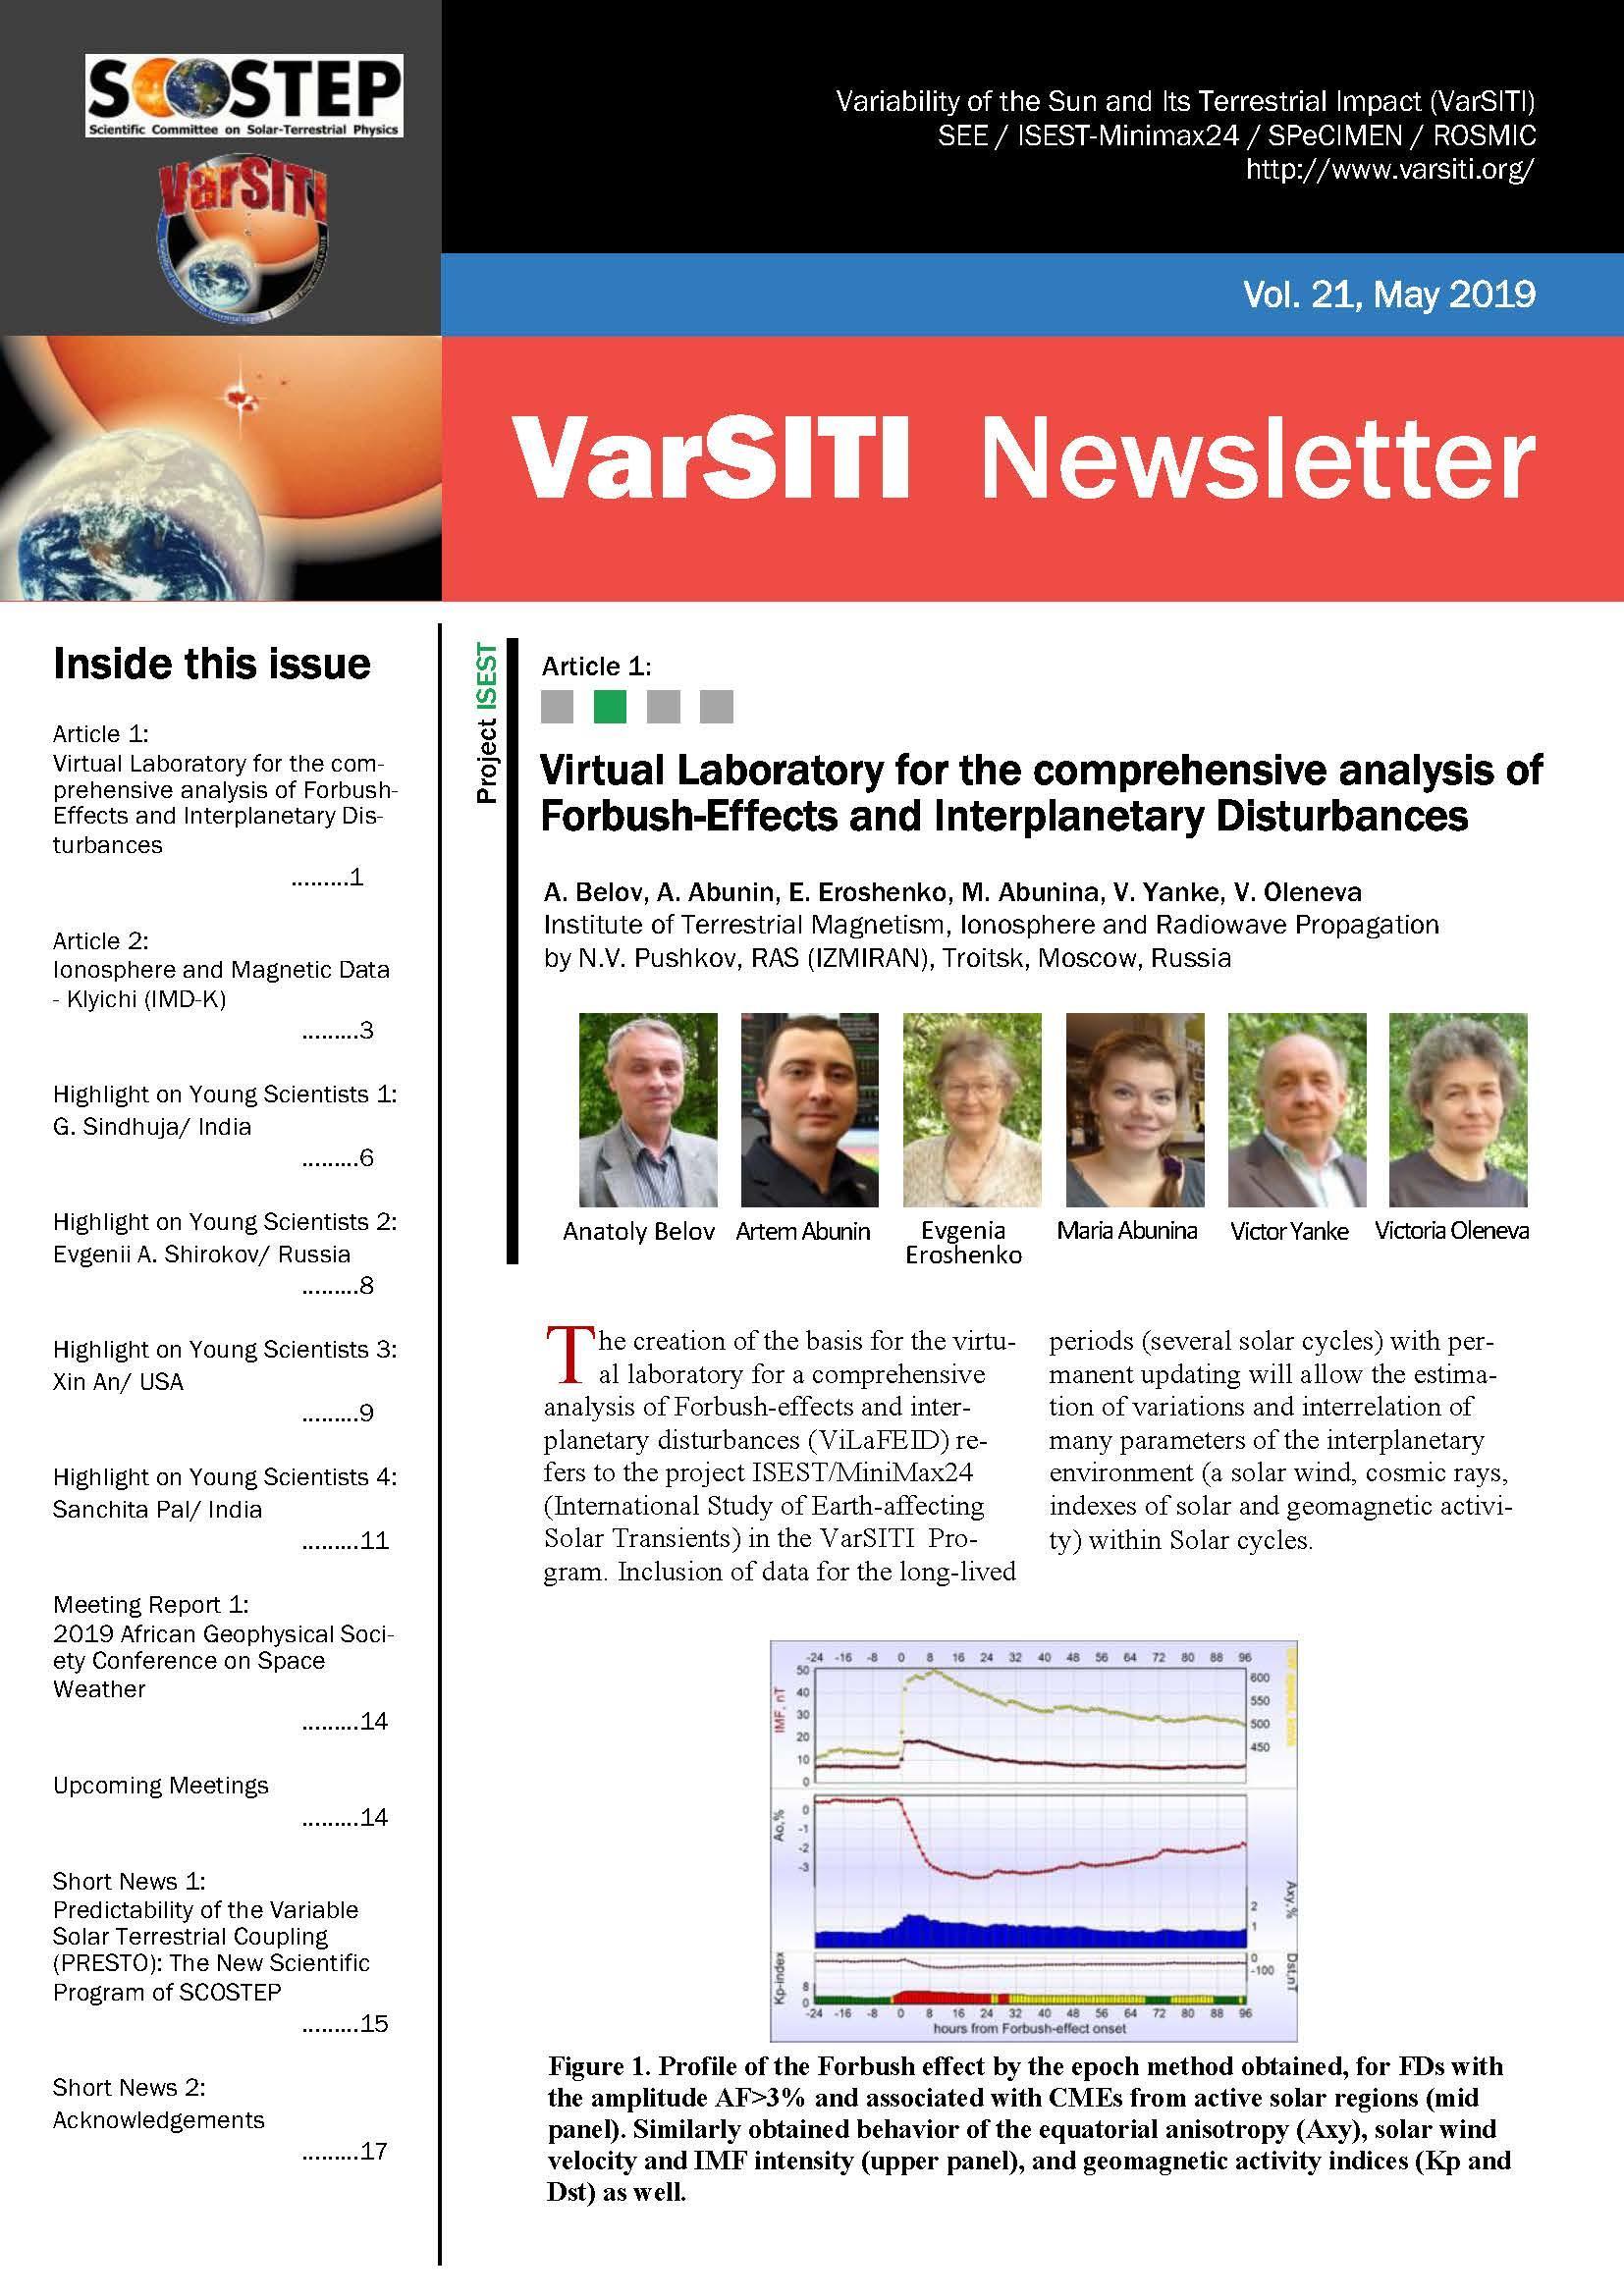 VarSITI_Newsletter_Vol21.jpg